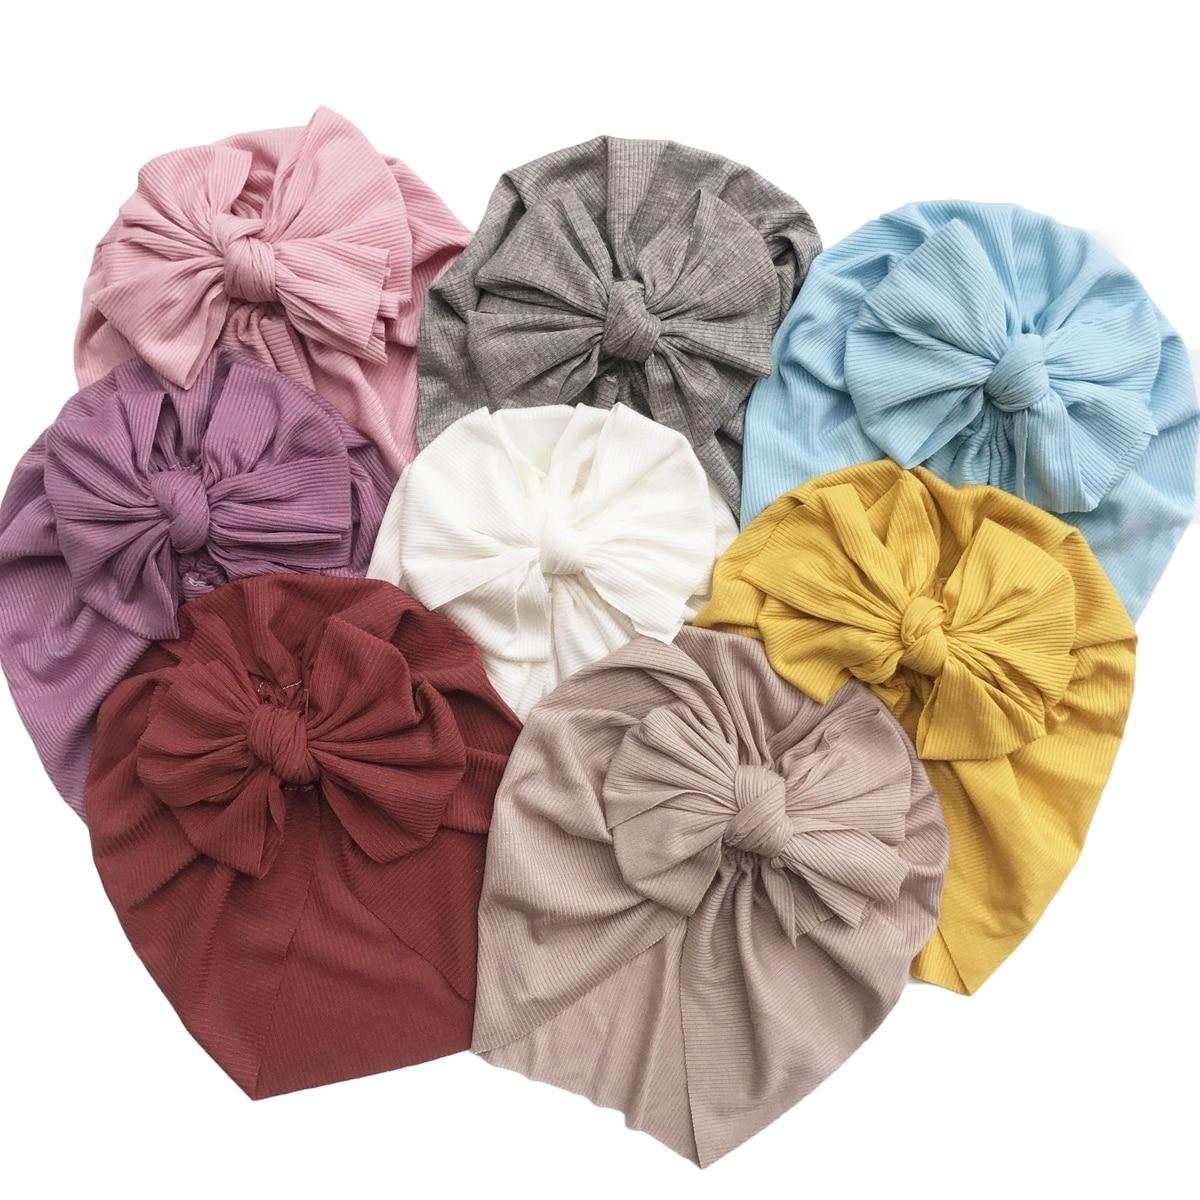 Pudcoco 2020, sombrero indio con lazo para bebé, turbante de cinta de algodón tejido, gorro con nudo, sombreros de Color liso para niños, accesorios 1-6 y